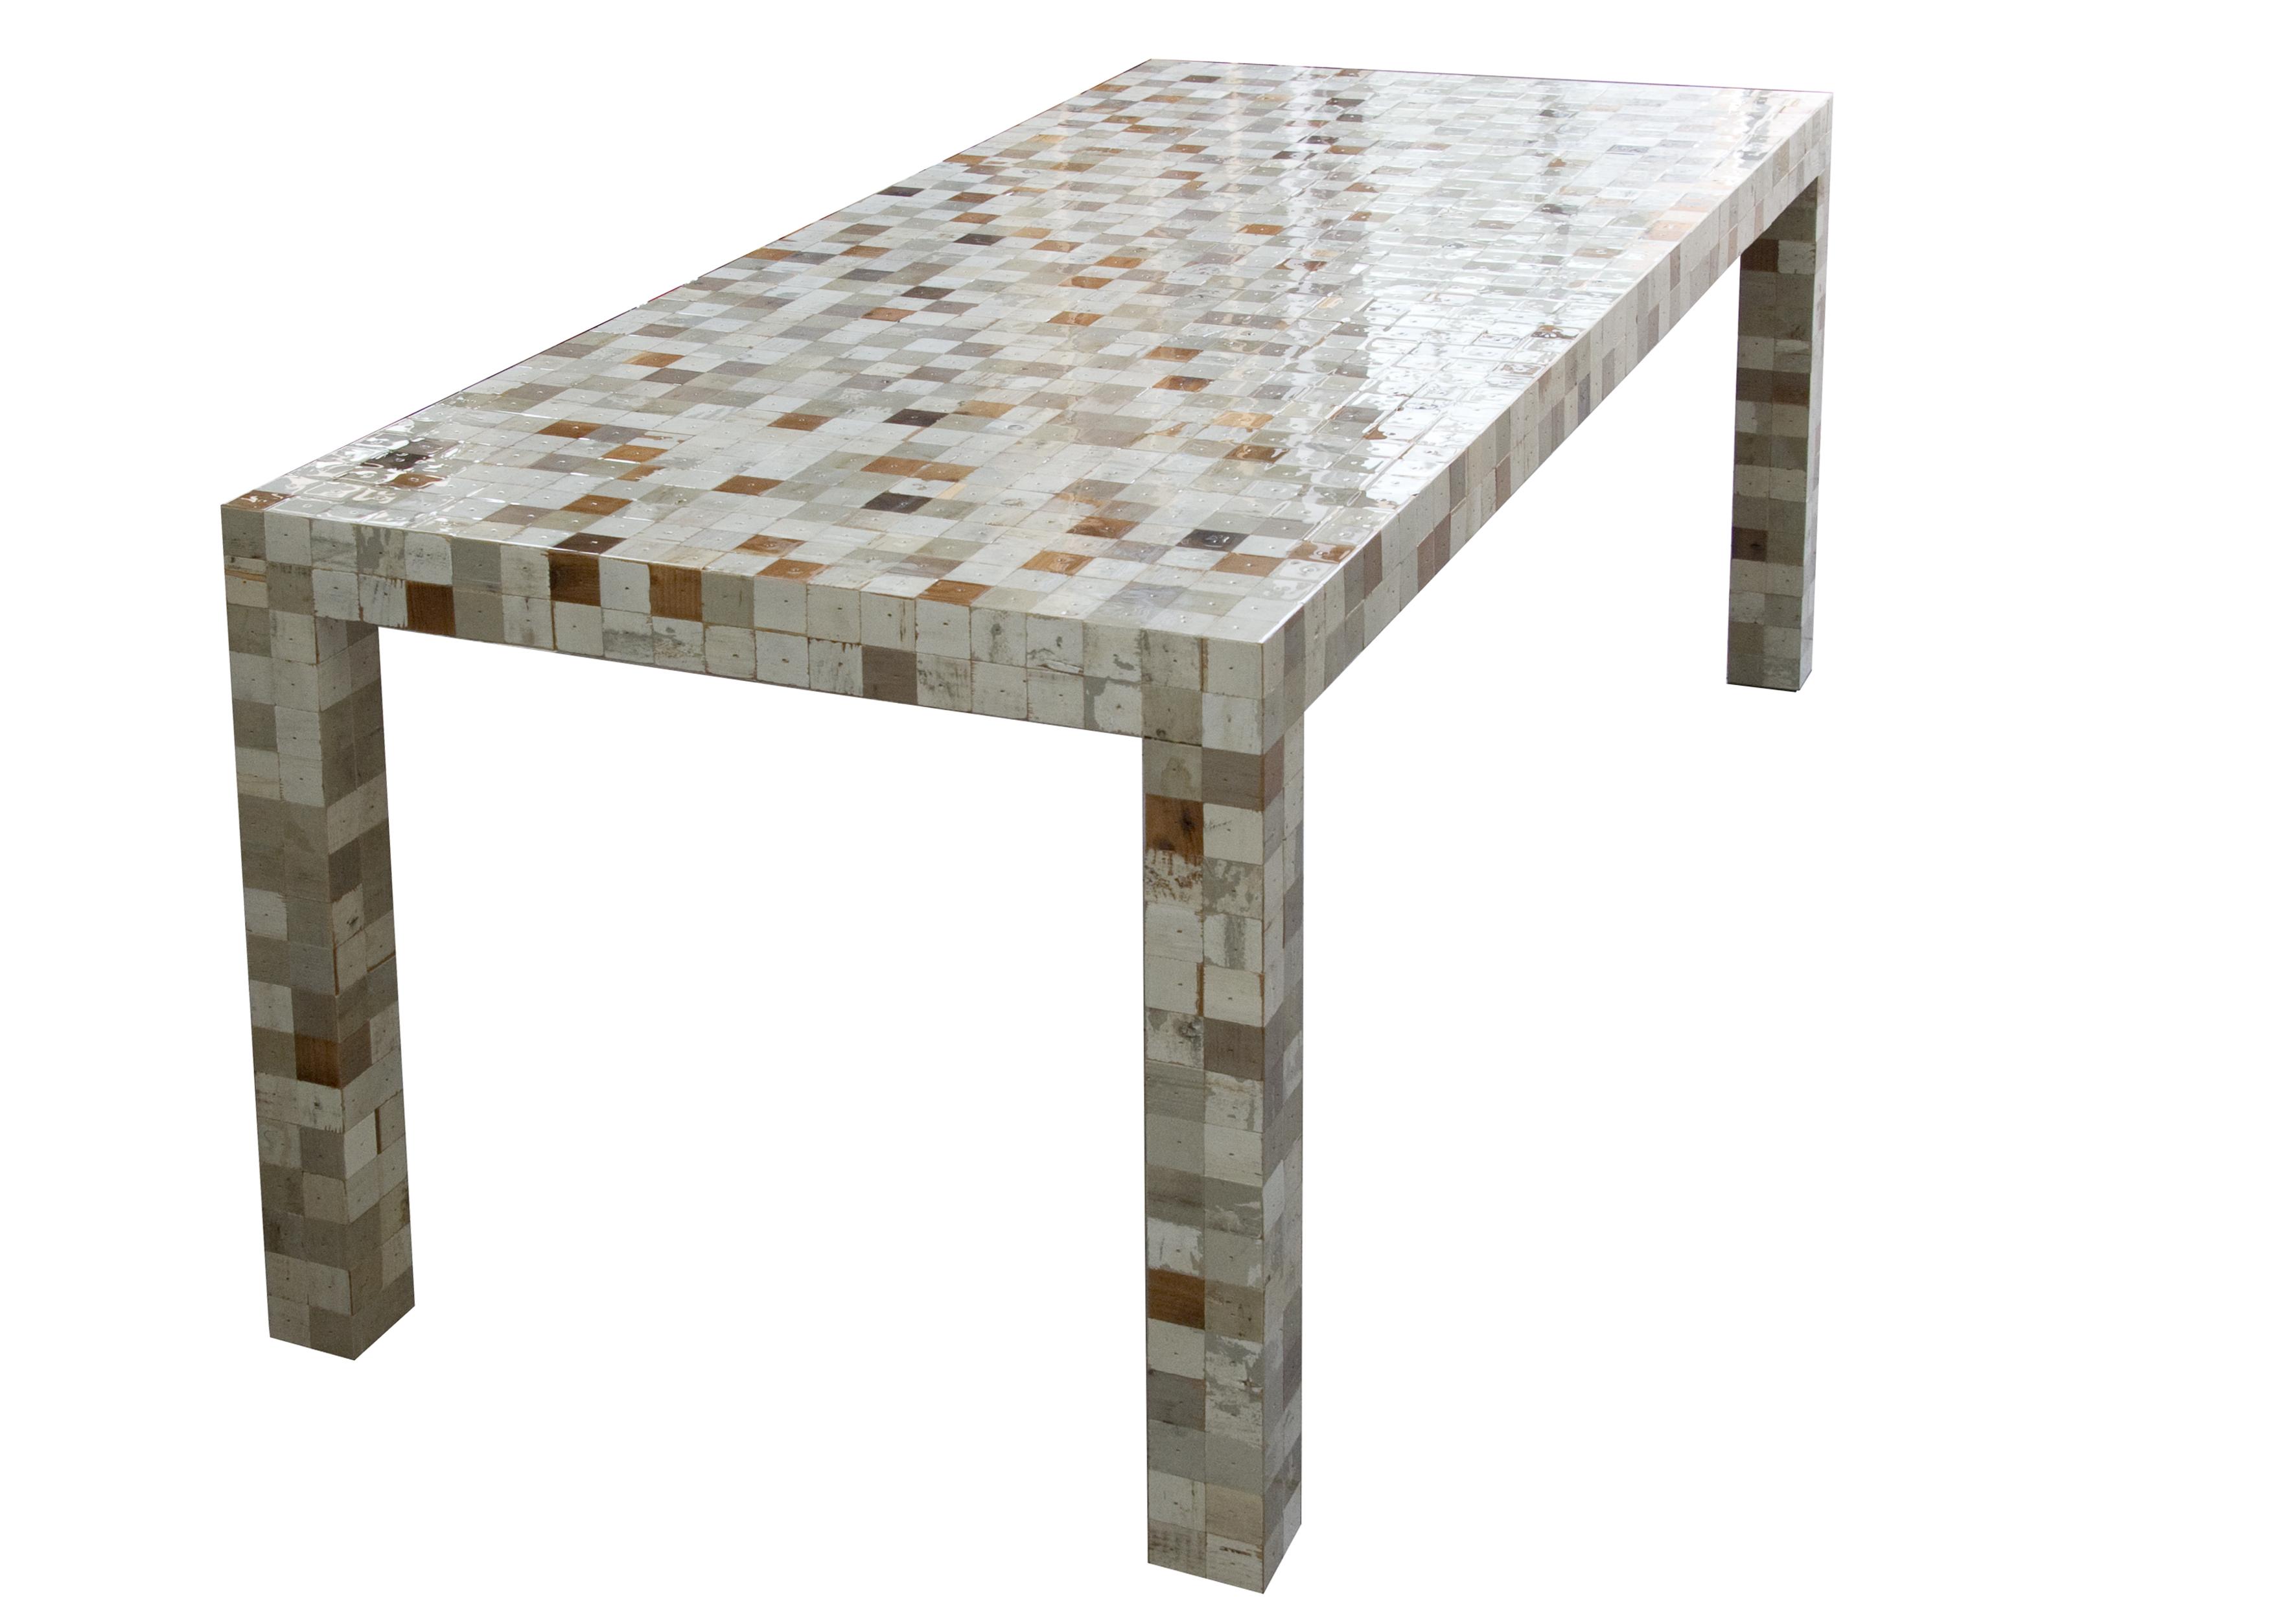 afval-afval-tafel-01